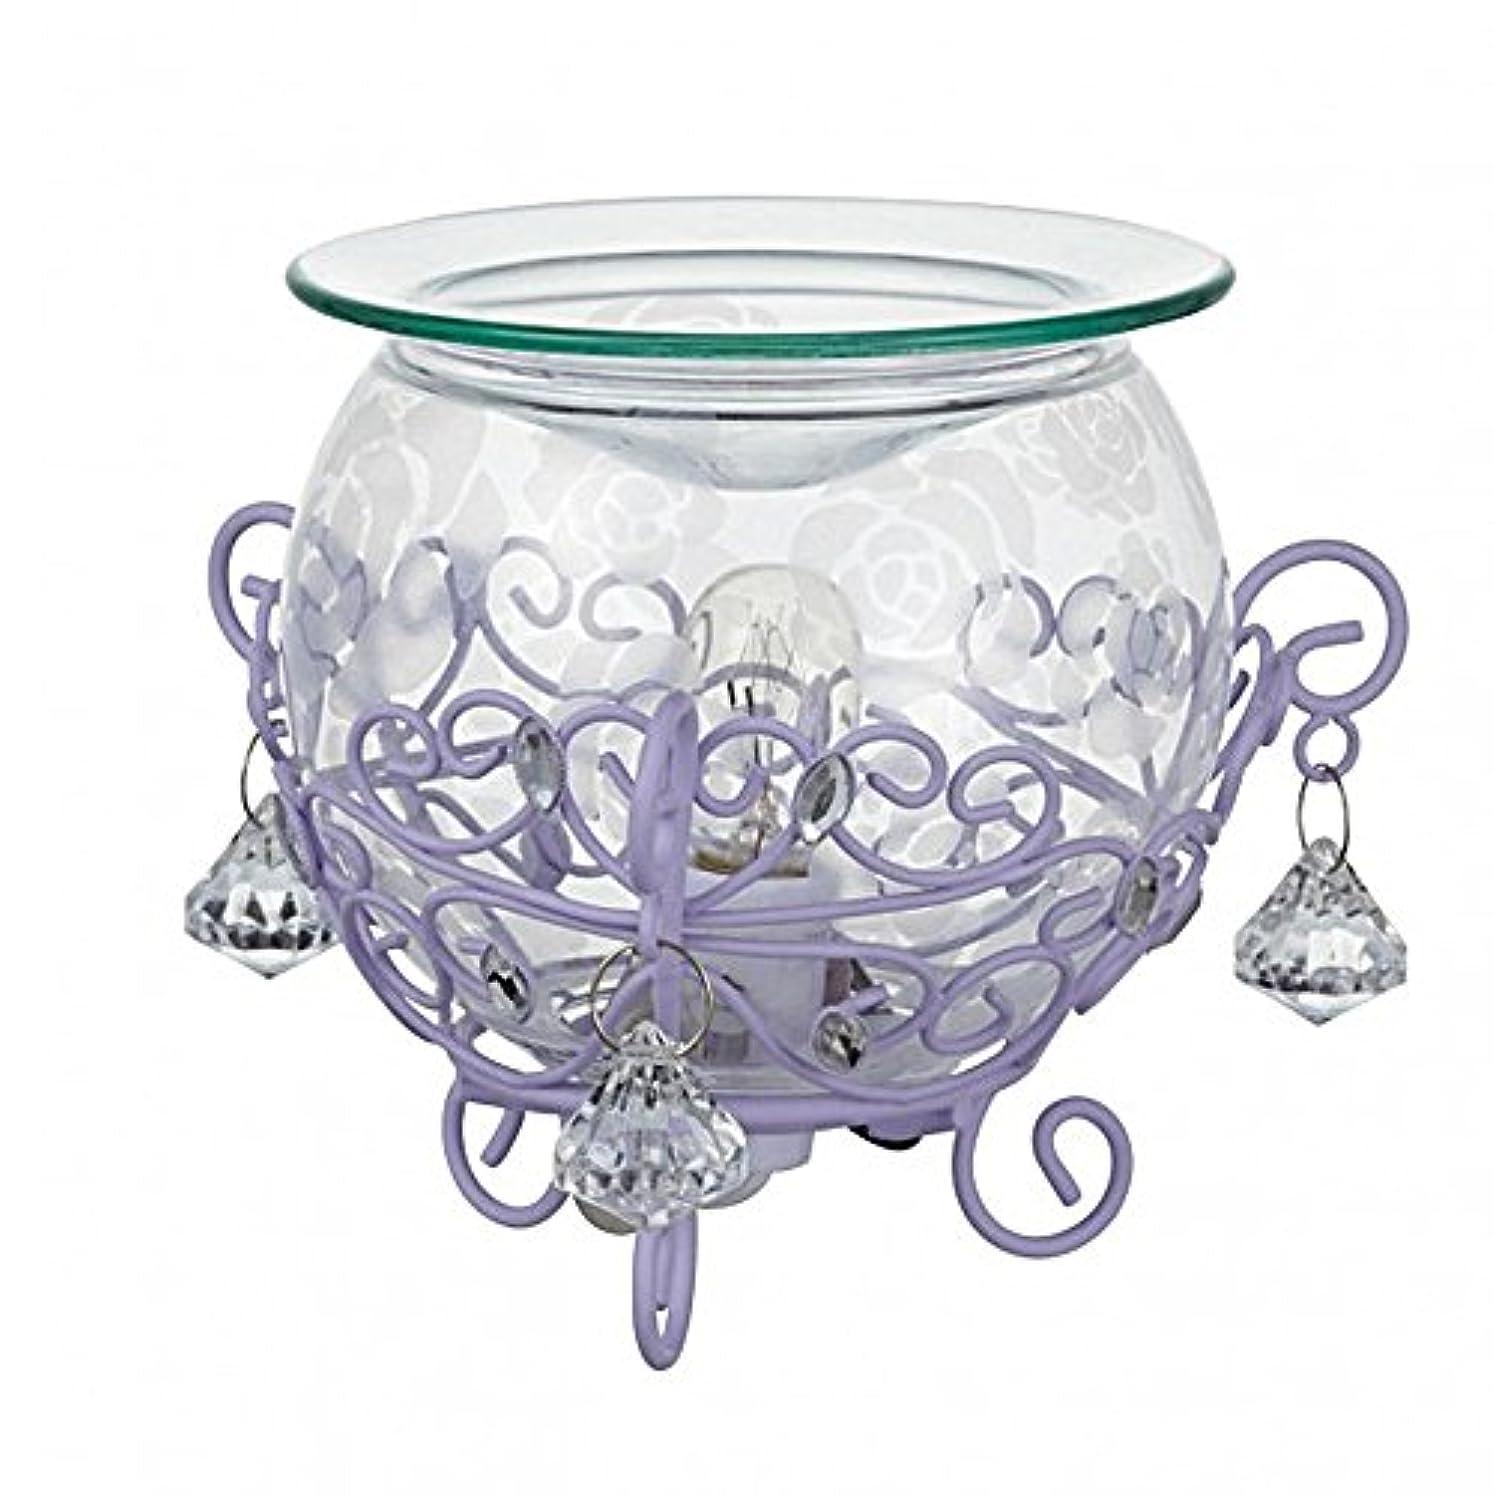 ファンド花弁潤滑するローズガラスアロマライト (クリア×パープル)